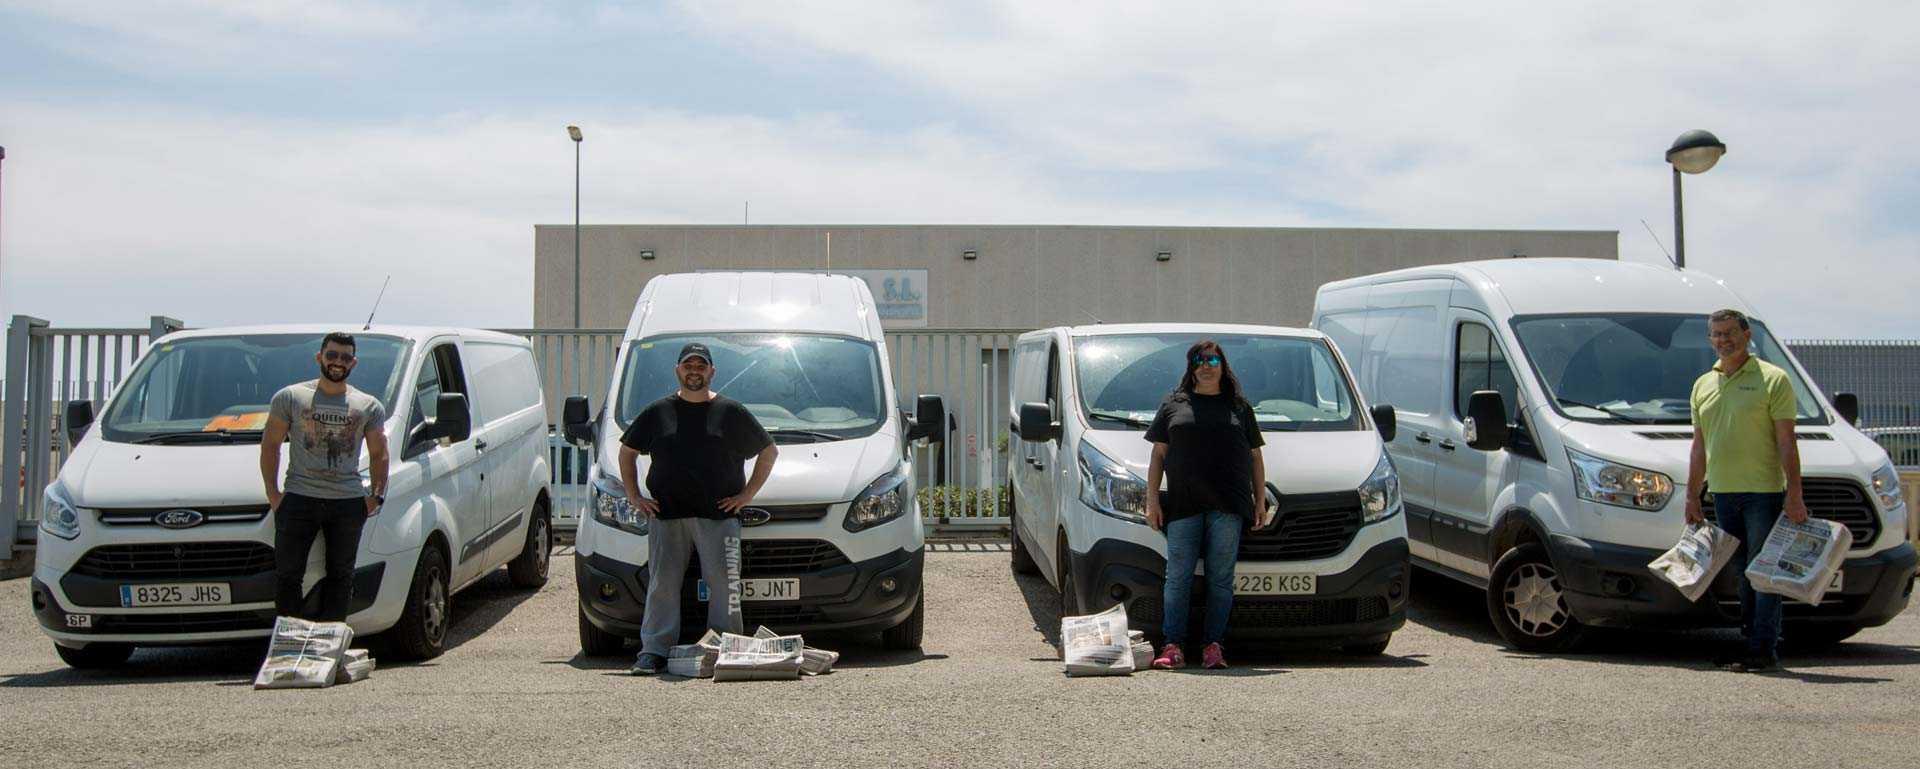 Cuatro de los distribuidores frente a sus furgonetas de reparto y algunos paquetes de diarios en el exterior de la rotativa de Diario de Ibiza, en el polígono de Montecristo. T. E.